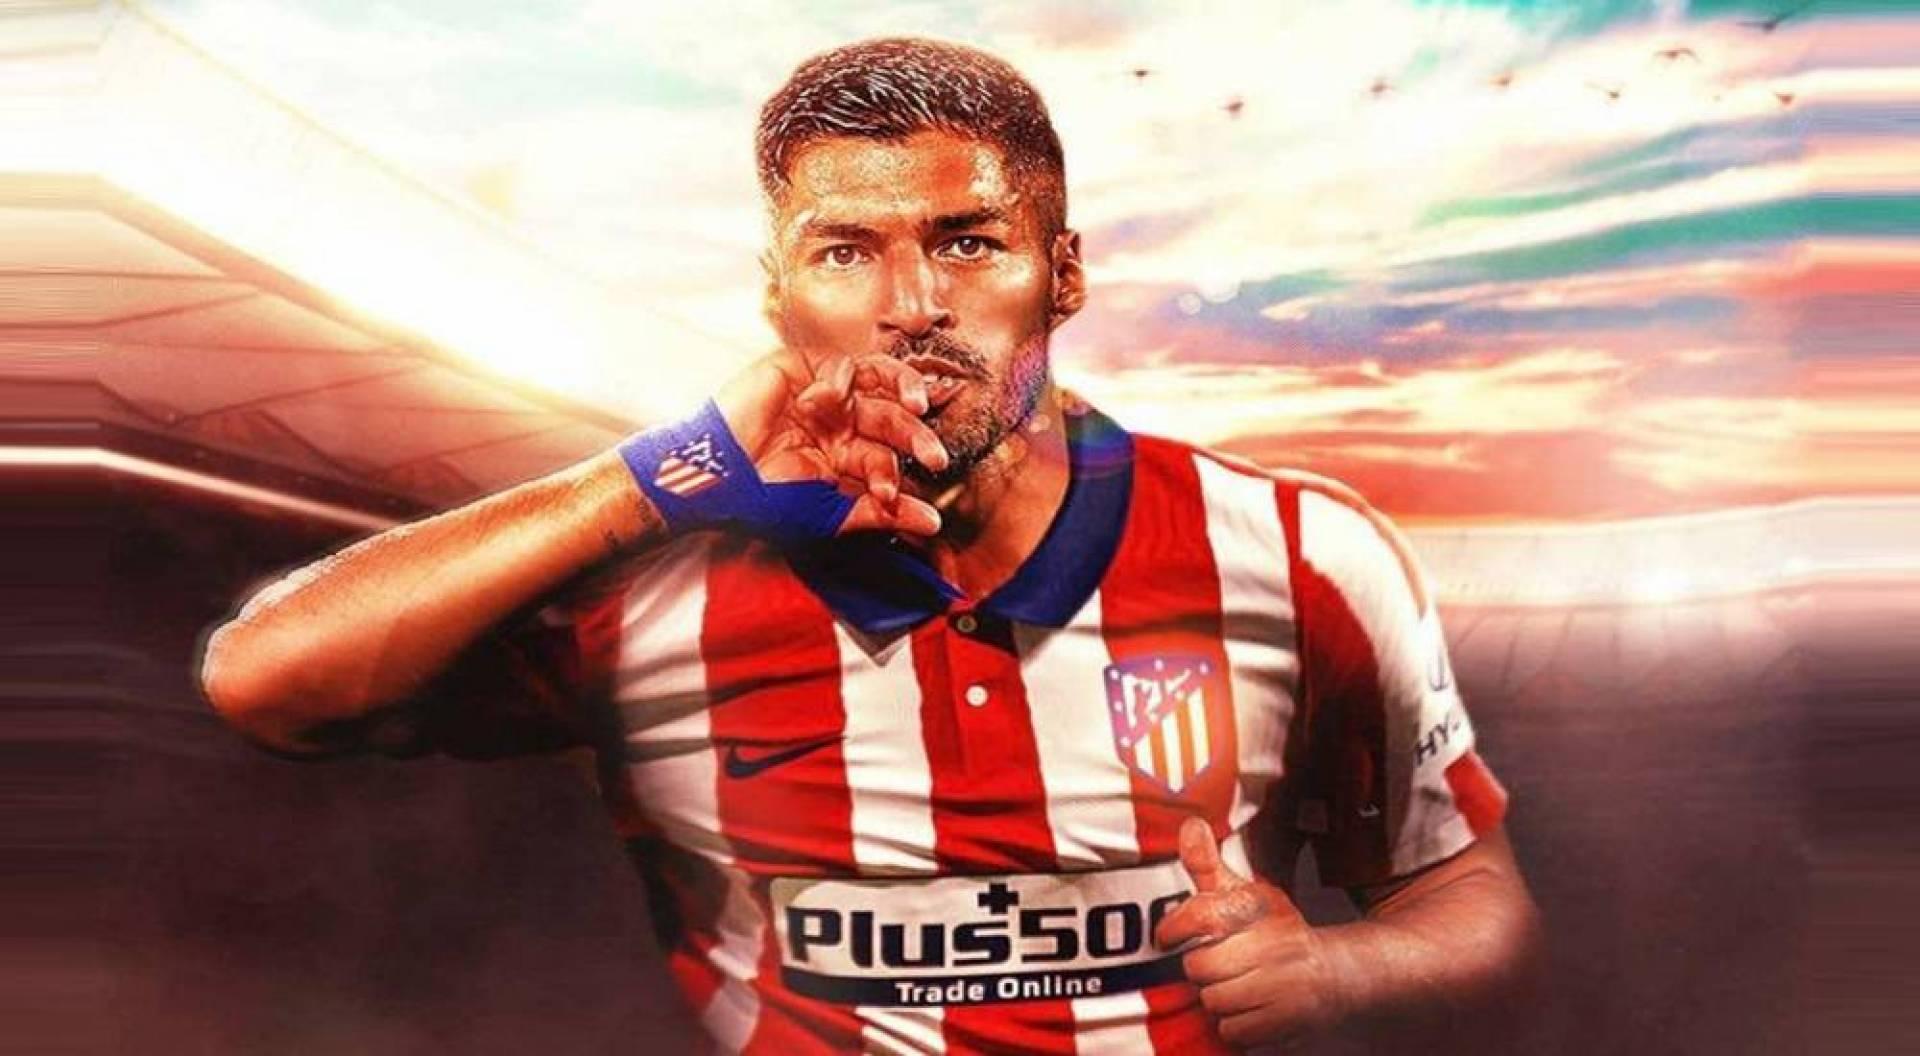 سواريز إلى أتلتيكو مدريد لمدة عامين بنصف راتبه في كاتالونيا